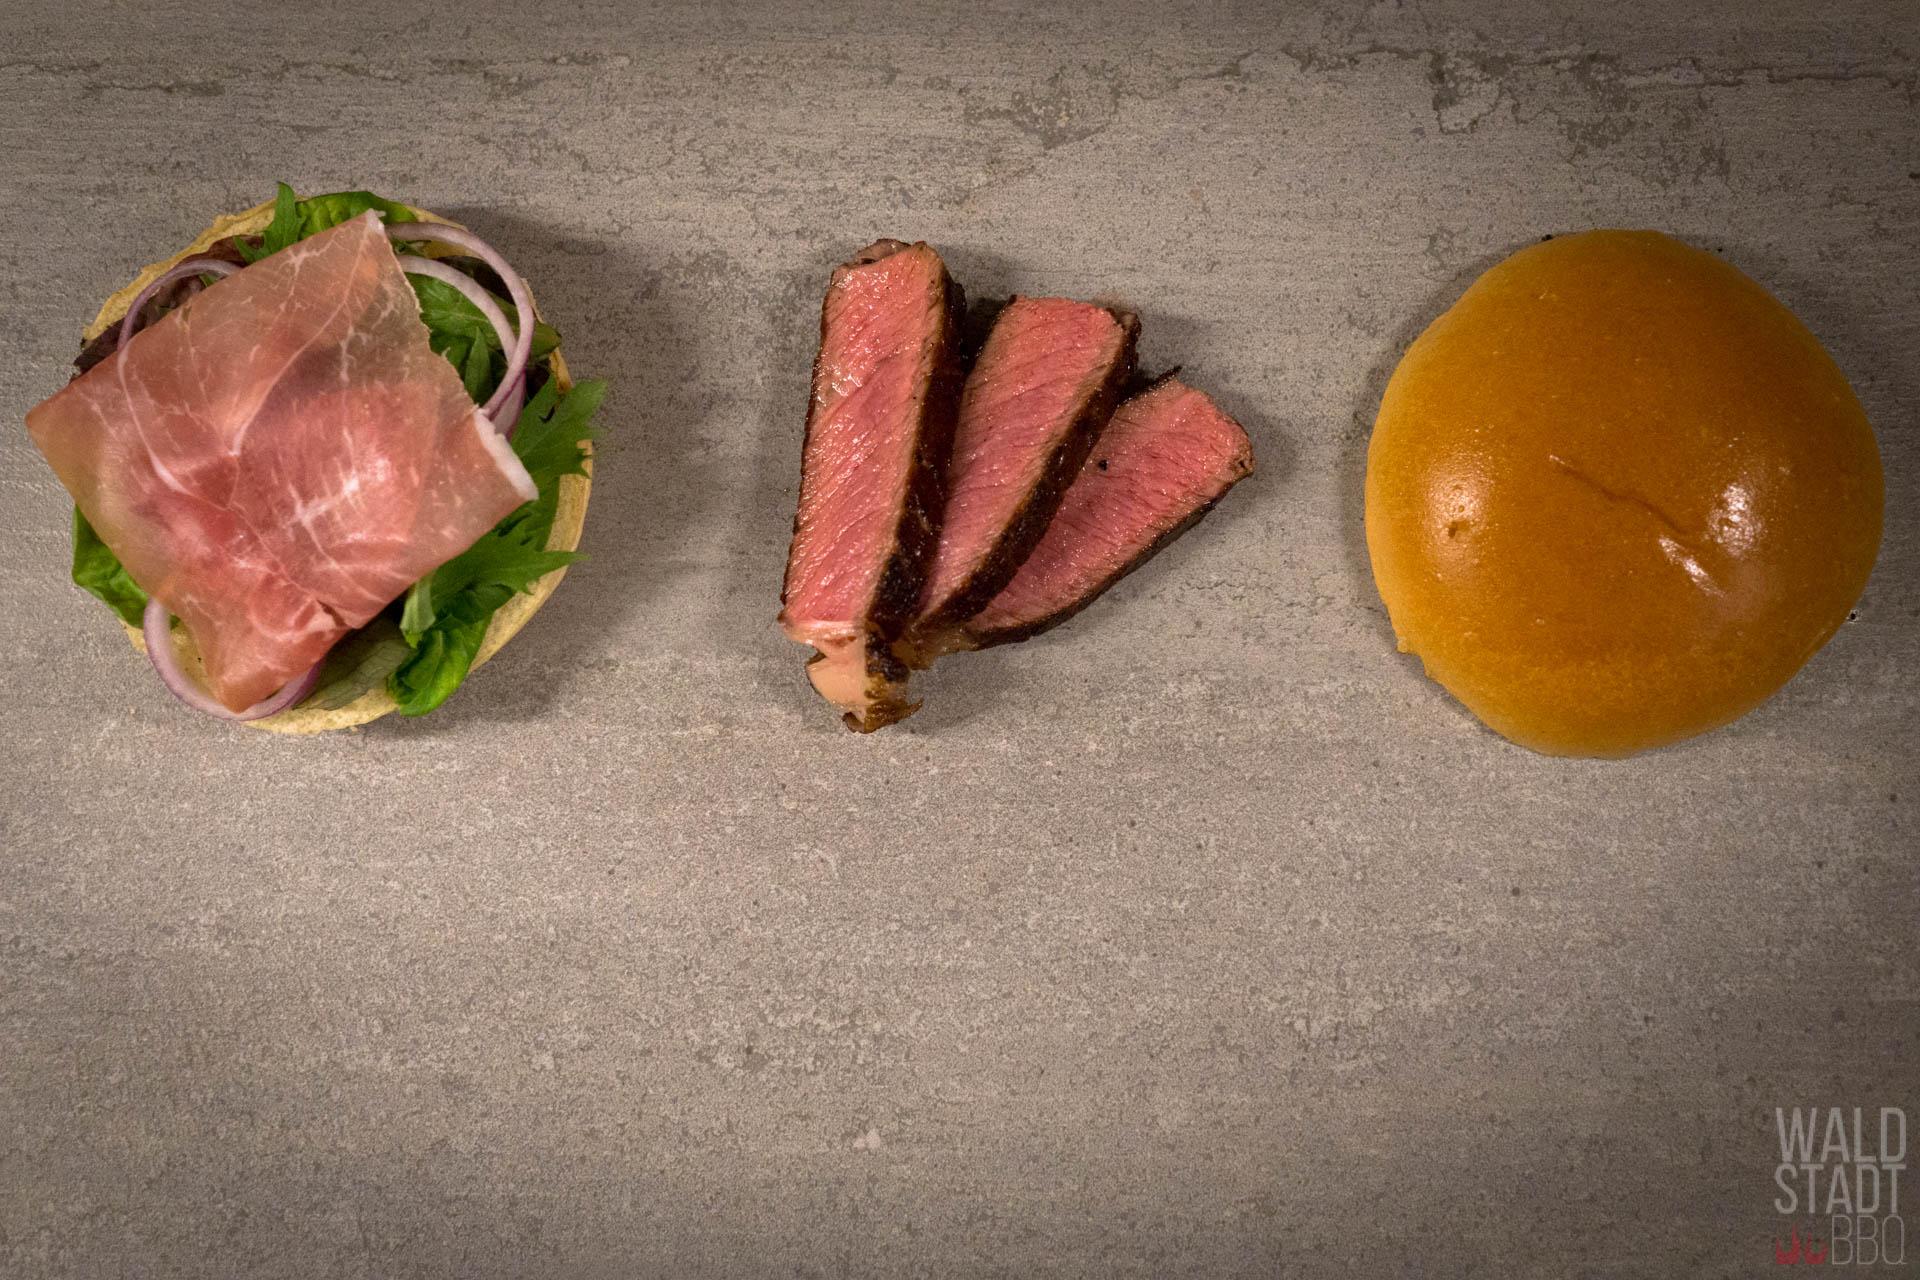 Simple One - Burger mit Serrano Schinken und Red Heifer Ribeye Steak